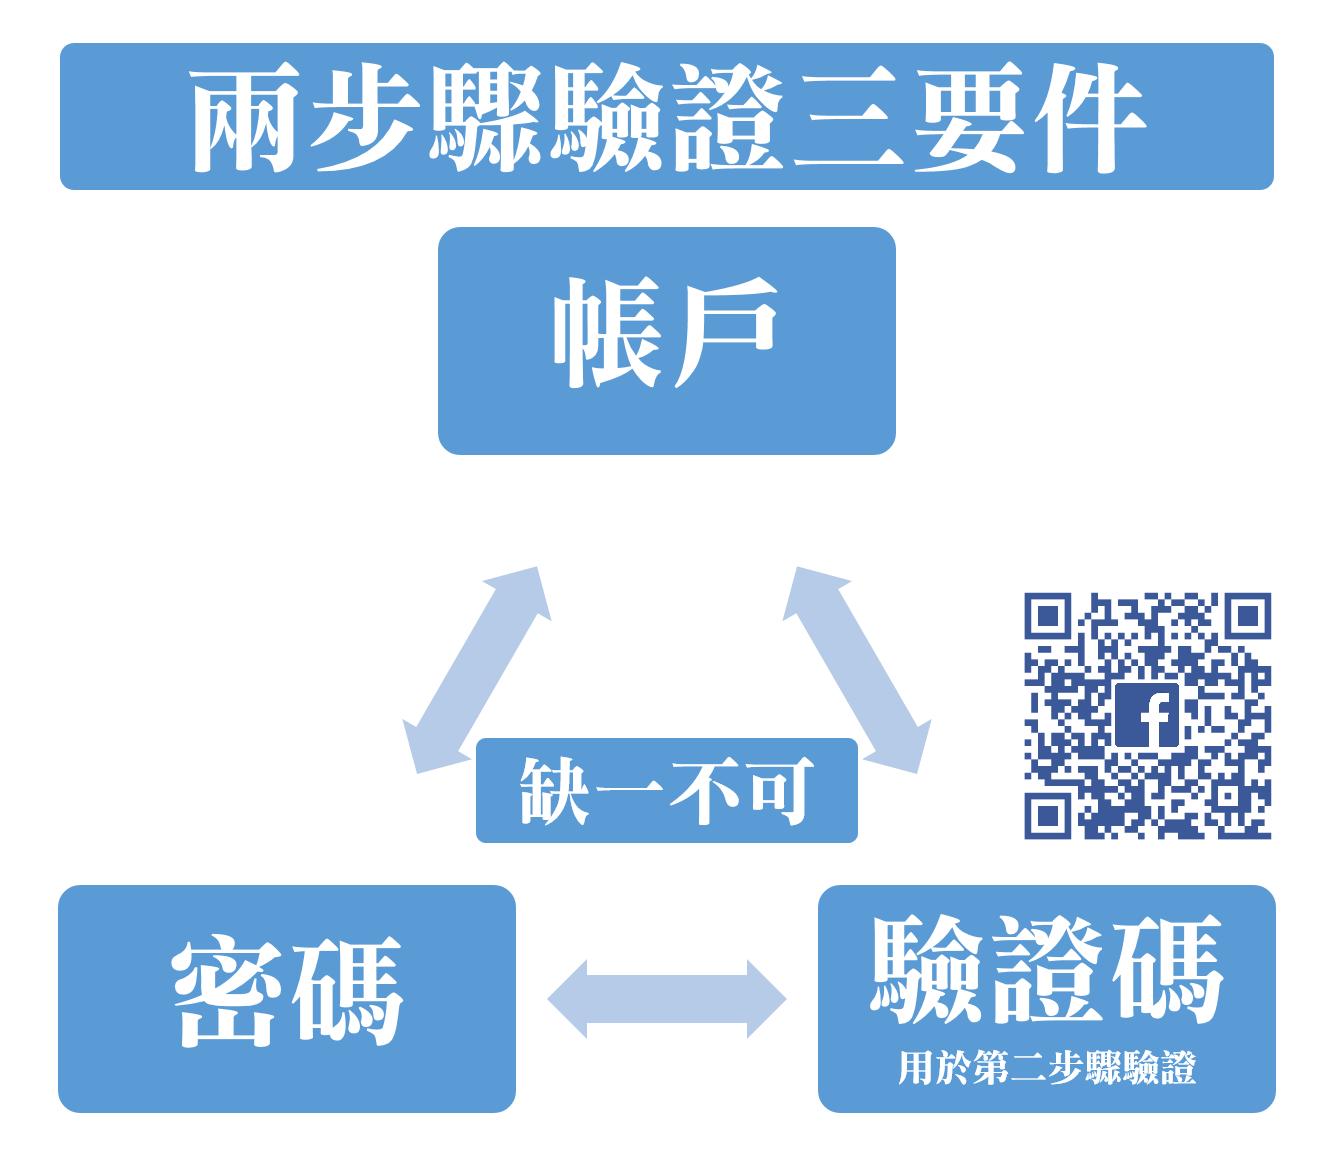 兩步驟驗證三要素